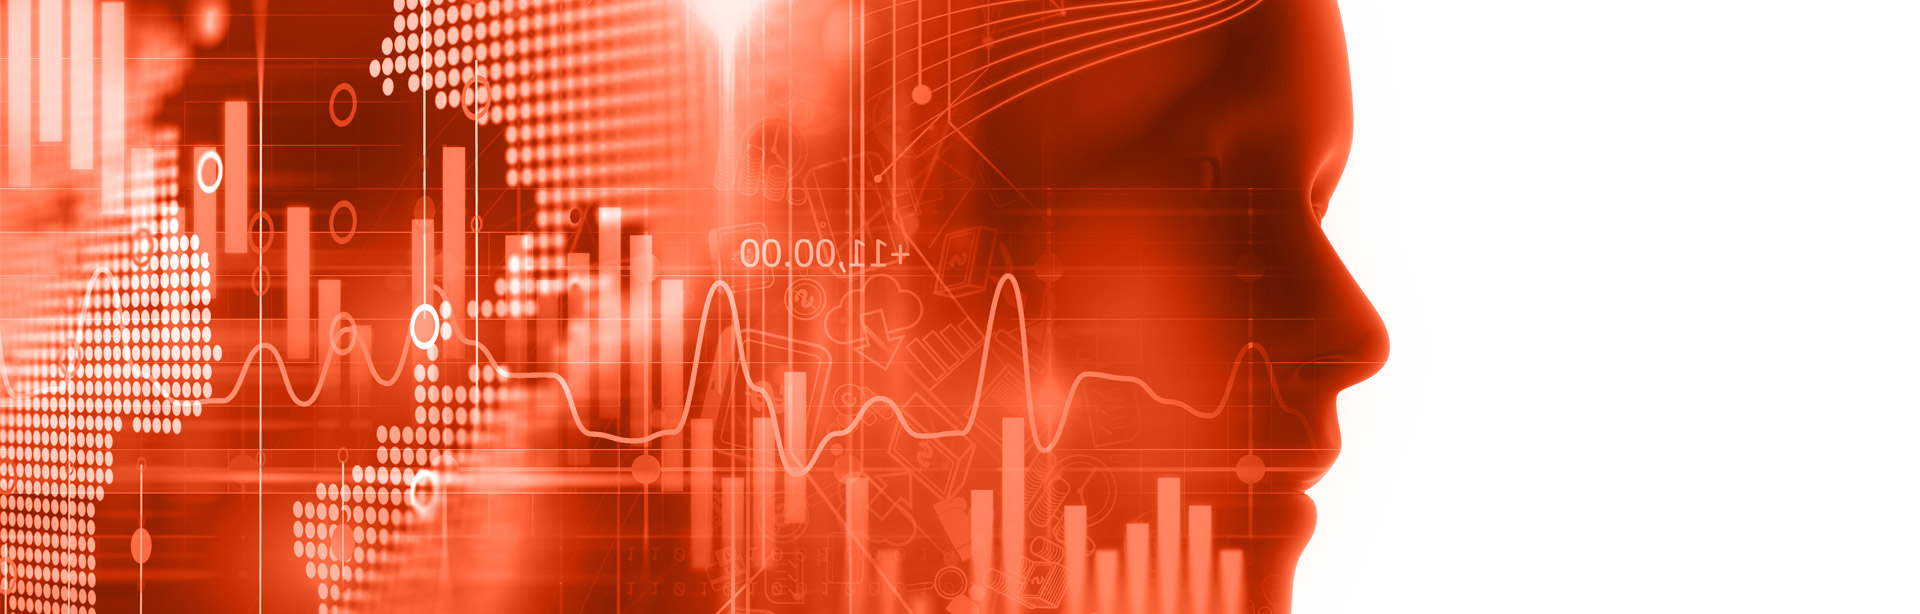 Image d'illustration : Silhouette se détachant d'un fond fait de données numériques et de graphiques